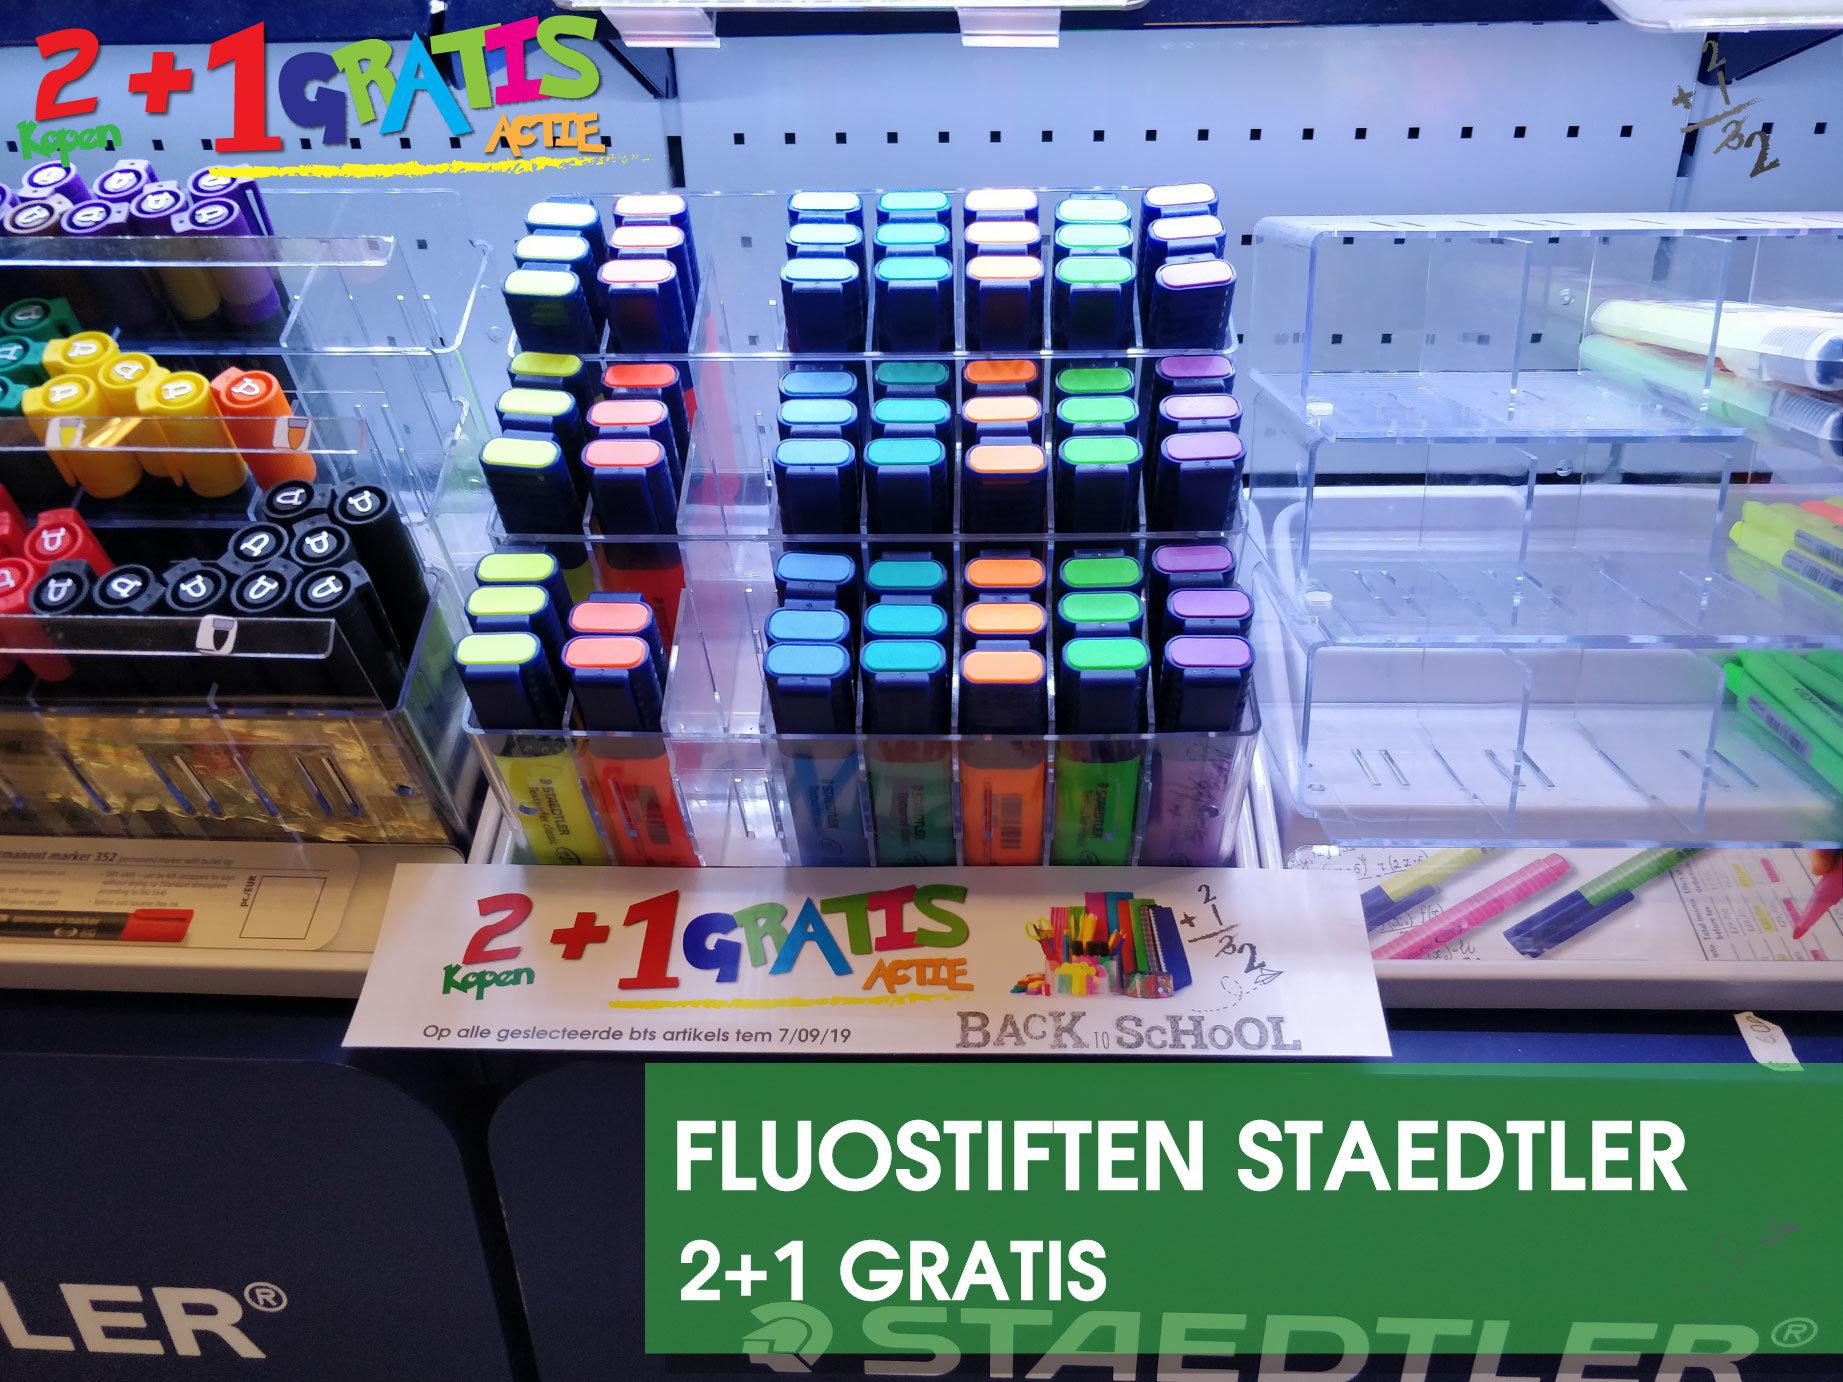 Marcelis-School-materiaal-fluo-stiften-staedtler-promo-2+1-gratis-actie